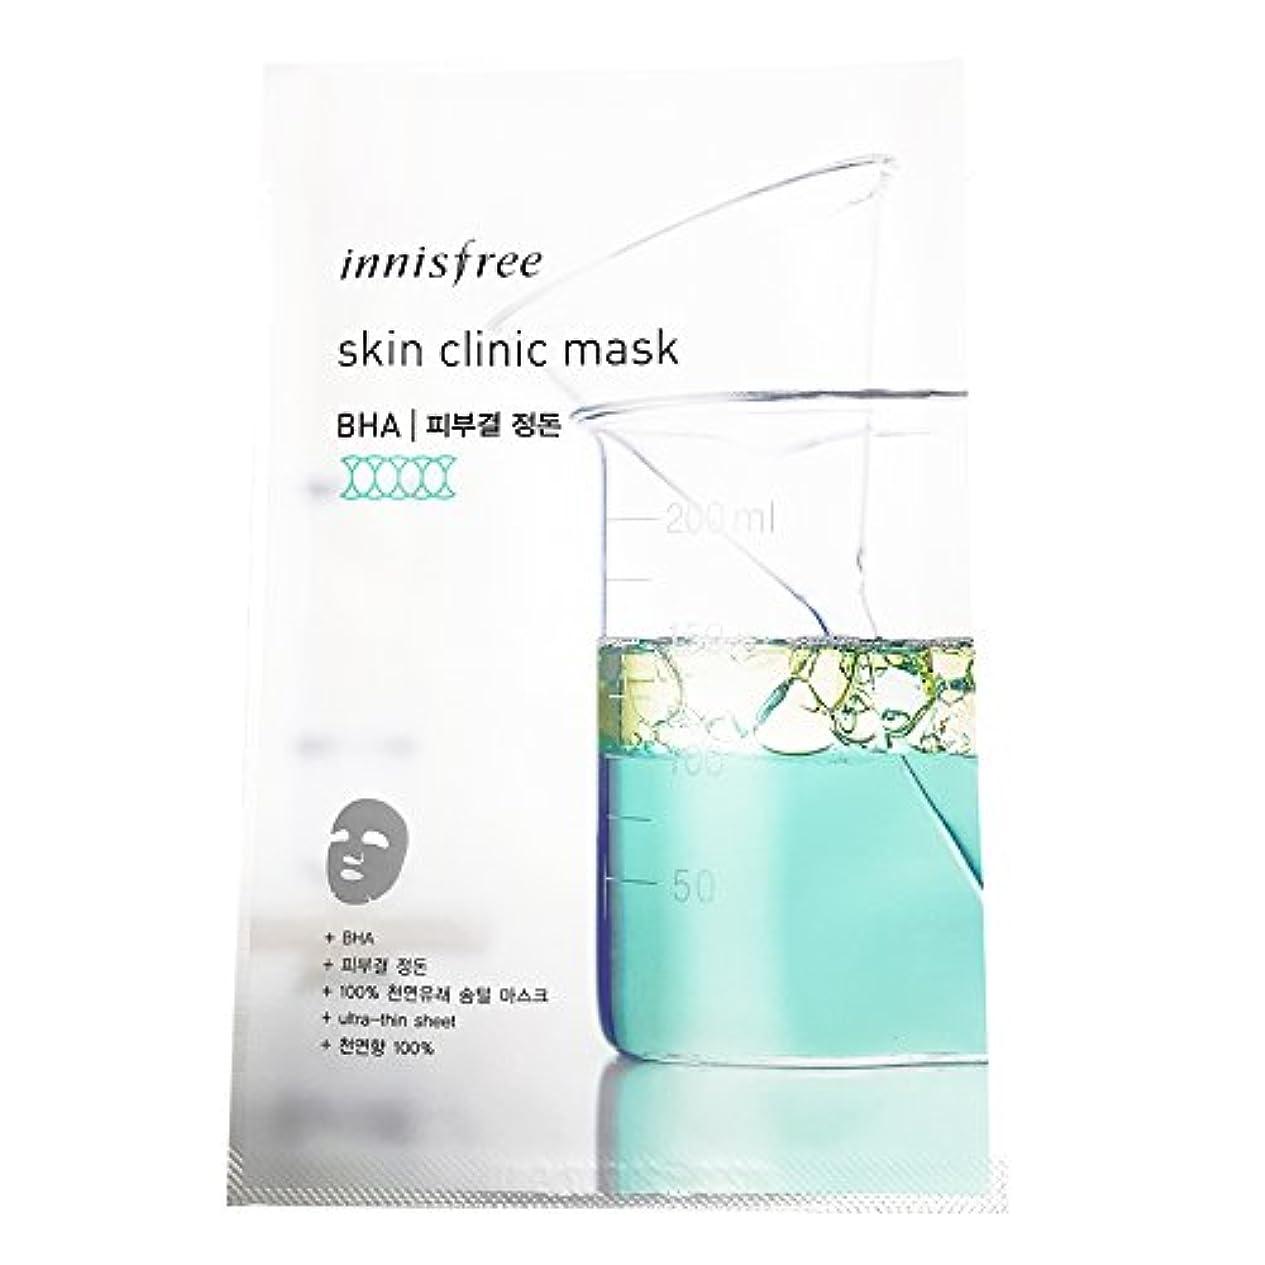 エチケットニュージーランド別の[イニスプリー] Innisfree スキンクリニックマスク(20ml)-BHA(肌別整頓) Innisfree Skin Clinic Mask(20ml)-BHA [海外直送品]